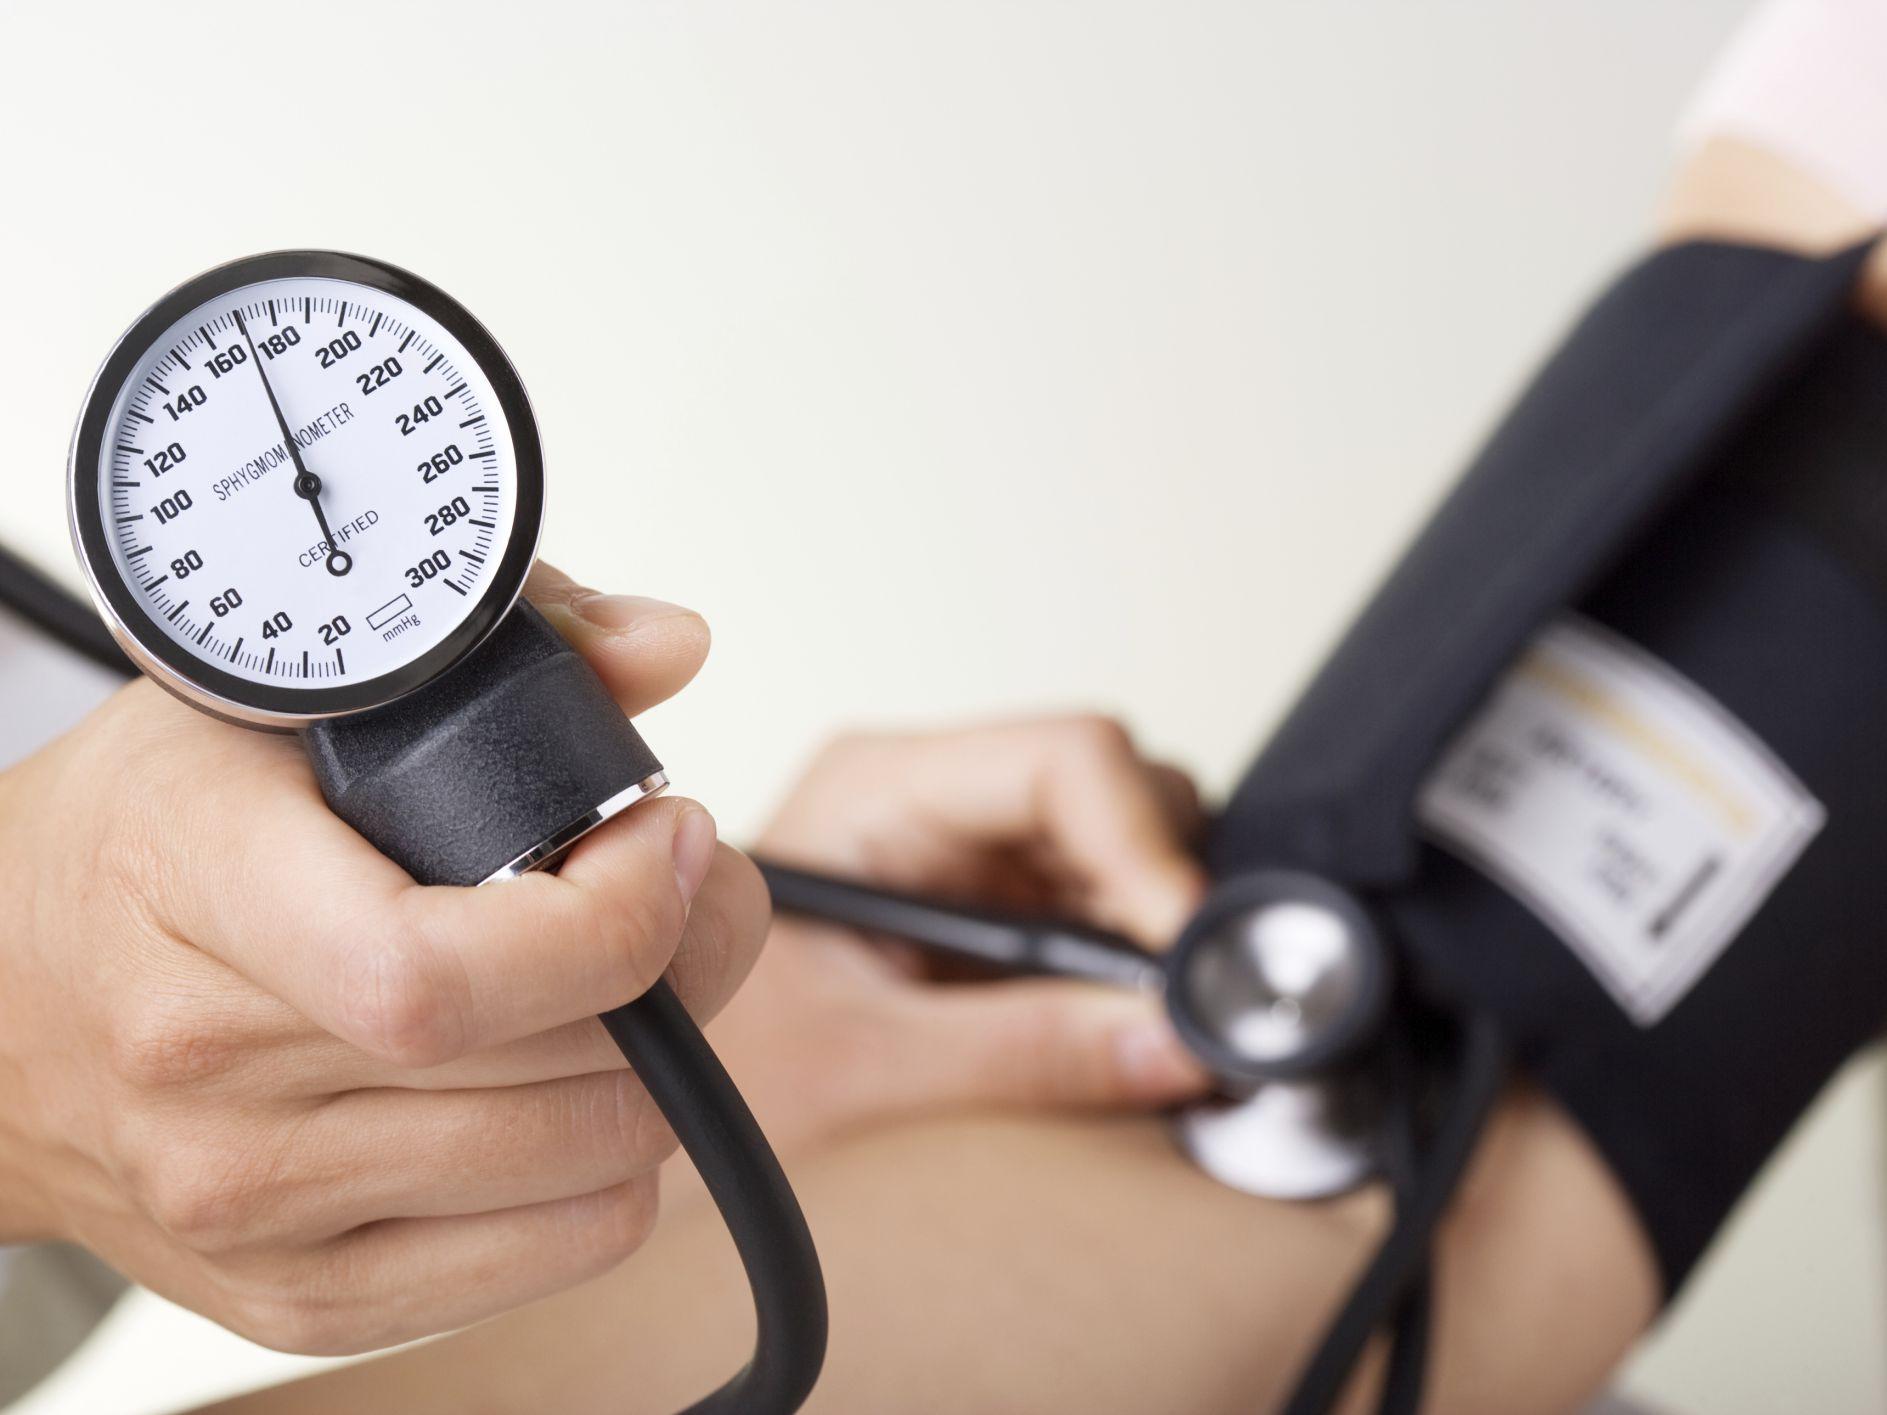 lecturas de diabetes y presión arterial